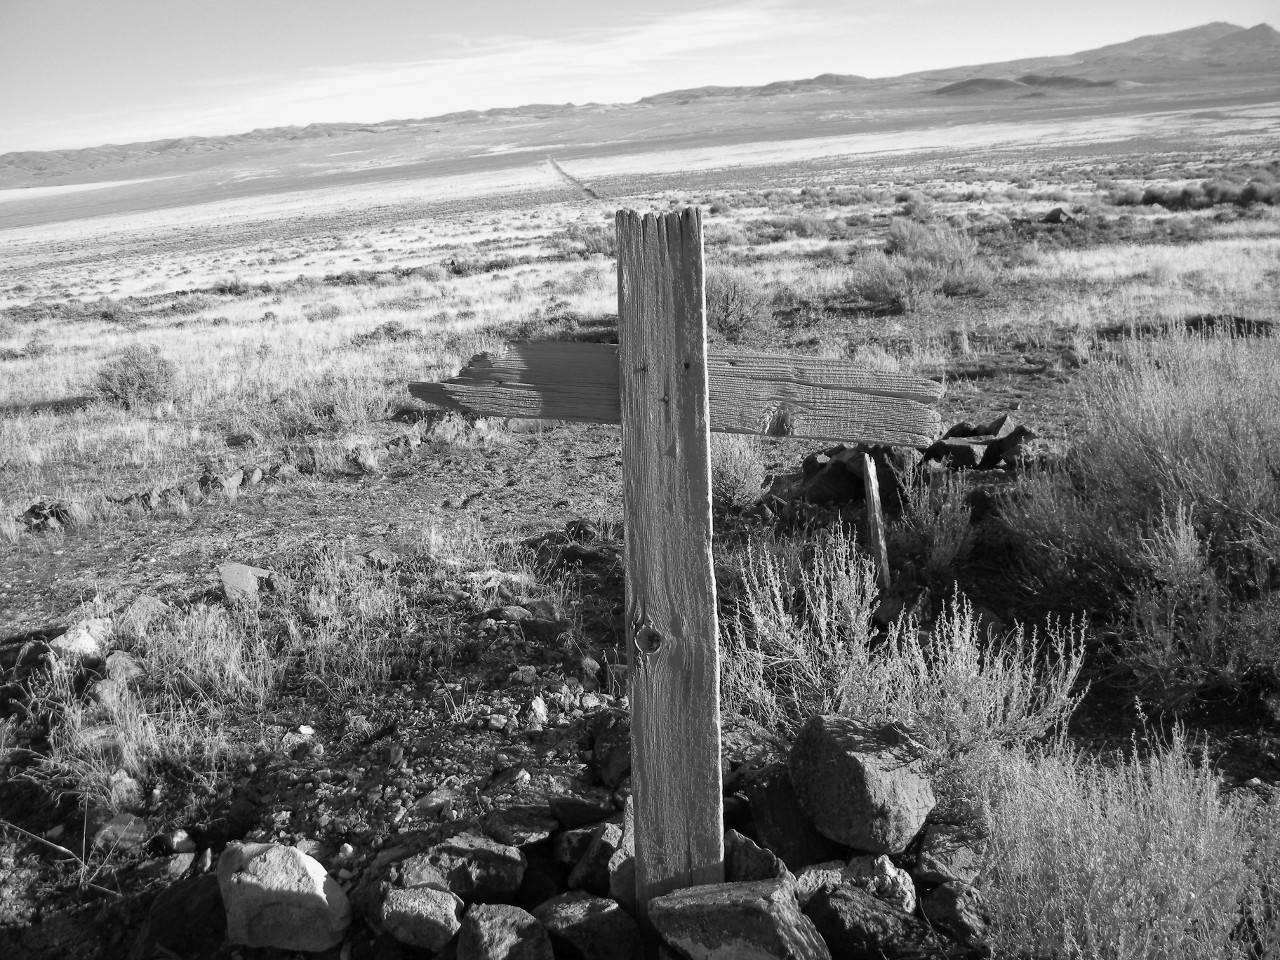 Seven Troughs. Суслики, куропатки, забытое кладбище на месте старых горных выработок (фото: RenoWillie).